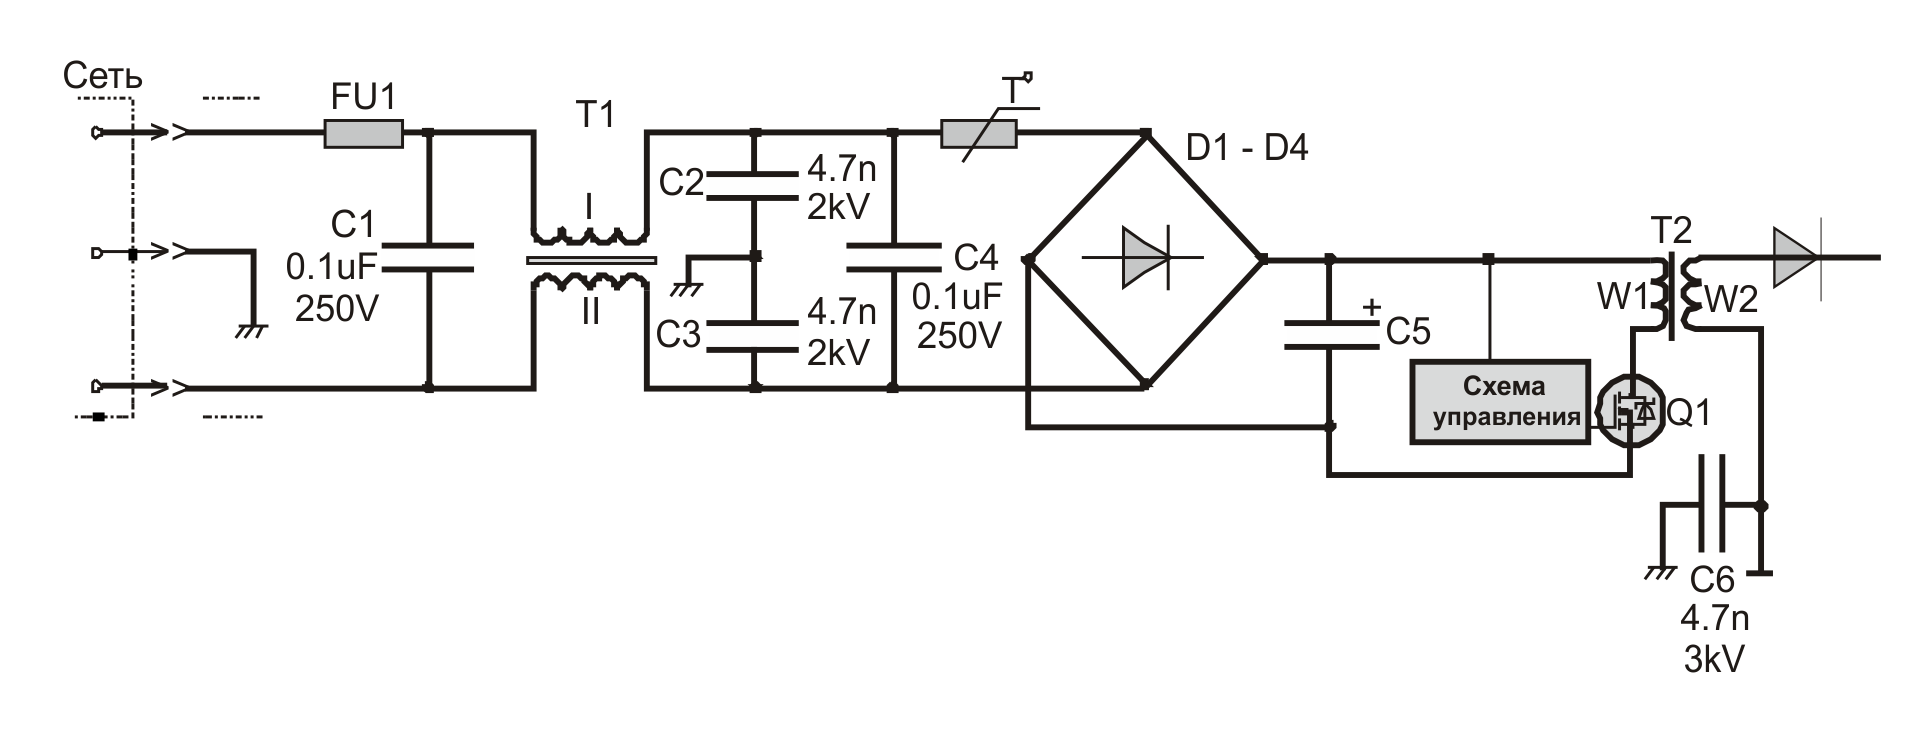 Сетевые фильтры pilot, apc, sven optima base и belkin своими руками